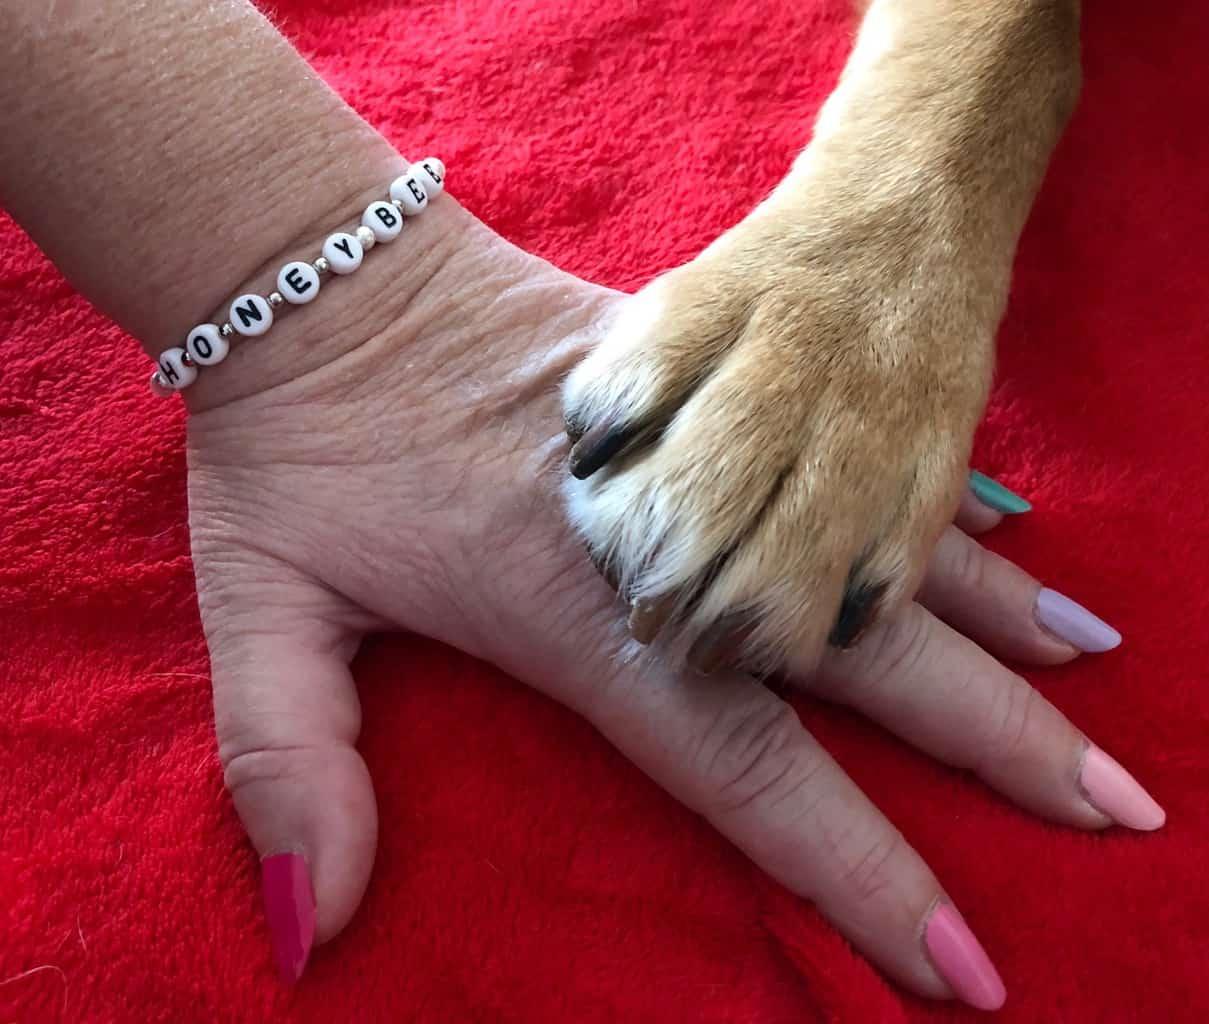 Labradorphote auf Frauenhand. :: Eine Labradorpfote liegt freundschaftlich auf einer gepflegten Damenhand. Ein Armband buchstabiert den Namen von Assistenzhund Honey Bee.